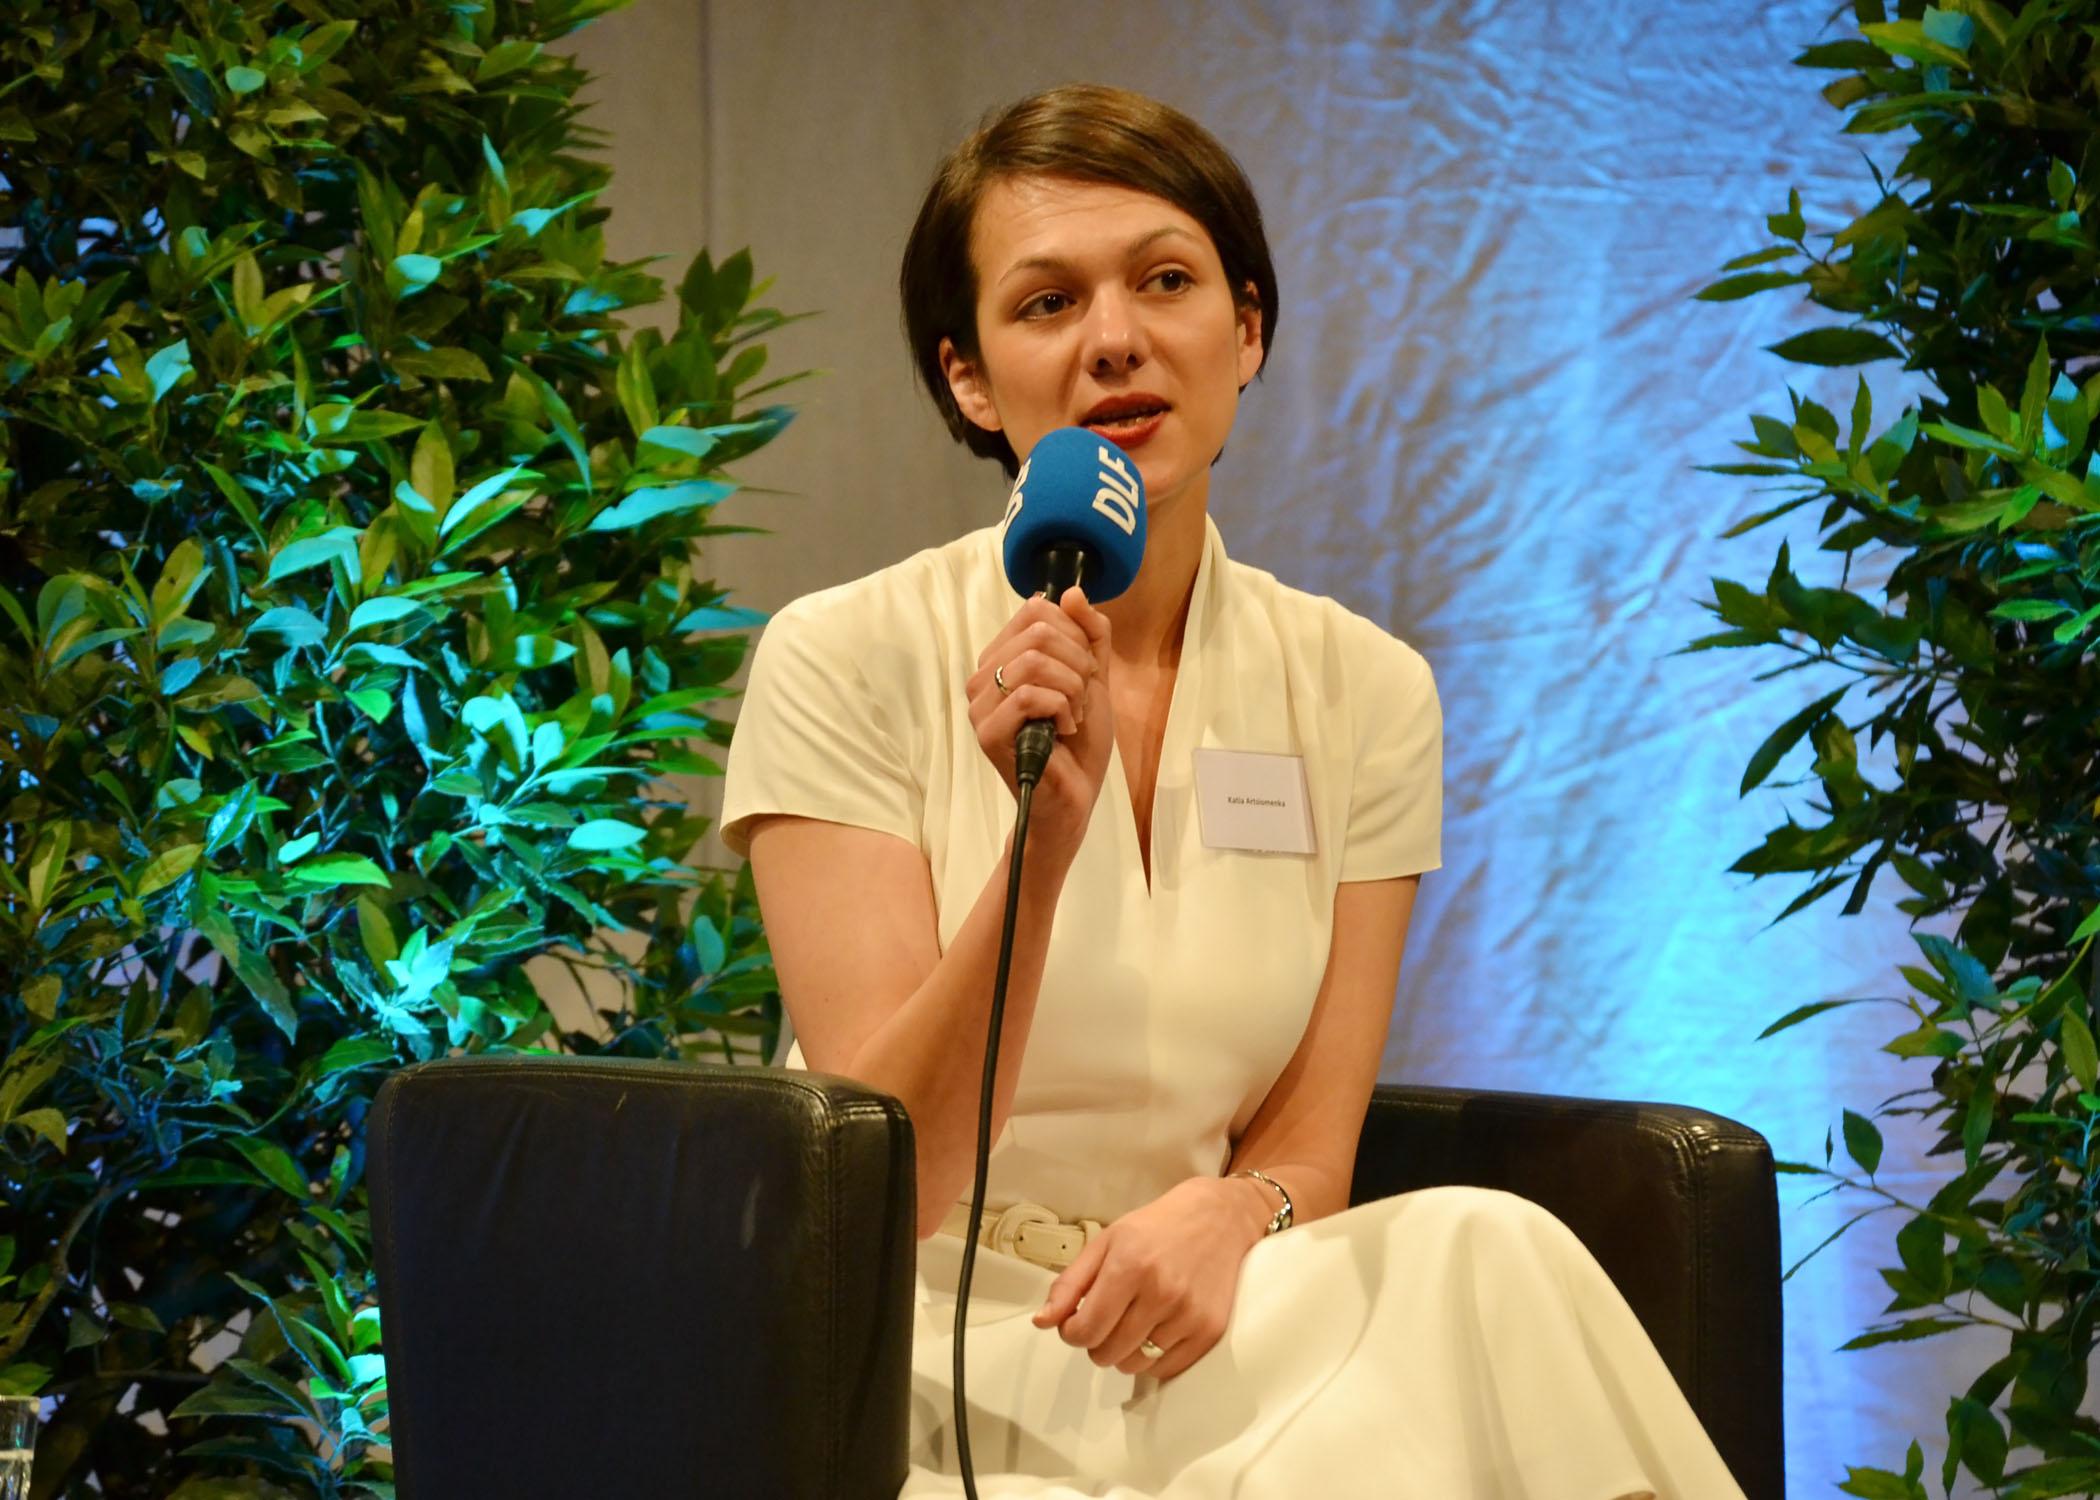 Katja Artsiomenka arbeitet als wissenschaftliche Mitarbeiterin im Fachbereich Journalismus und Kommunikation der HMKW Köln.